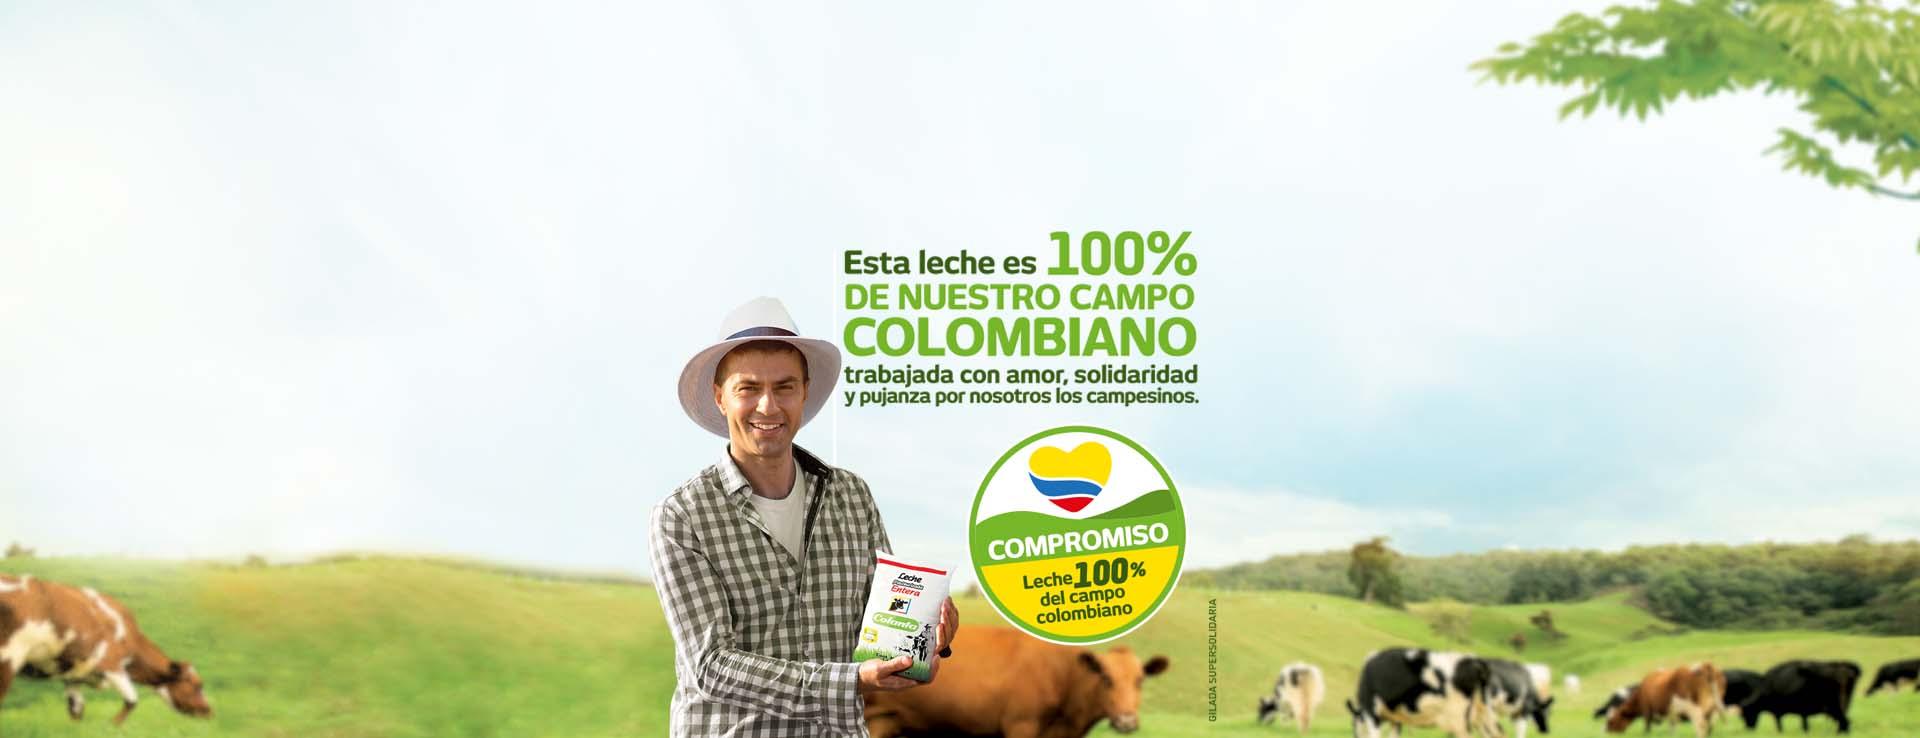 colanta compromiso leche campo colombiano